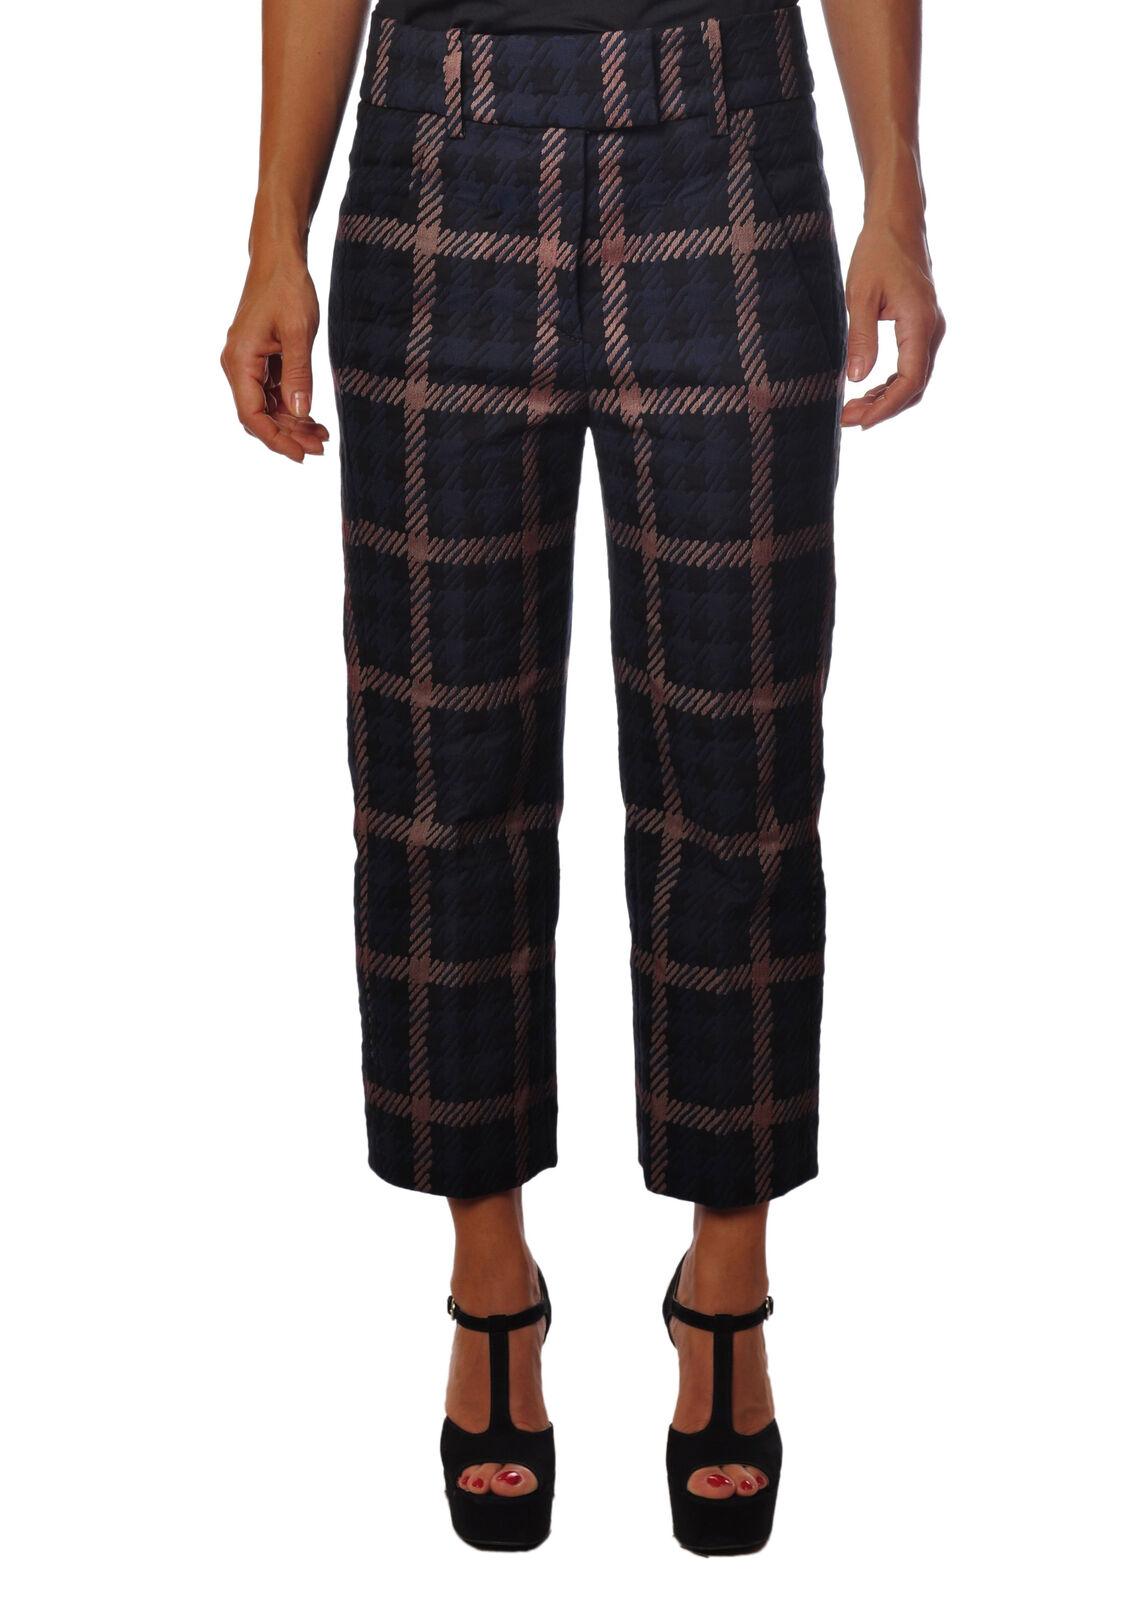 Dondup - Pants-Pants - Woman - bluee - 2451806C192546